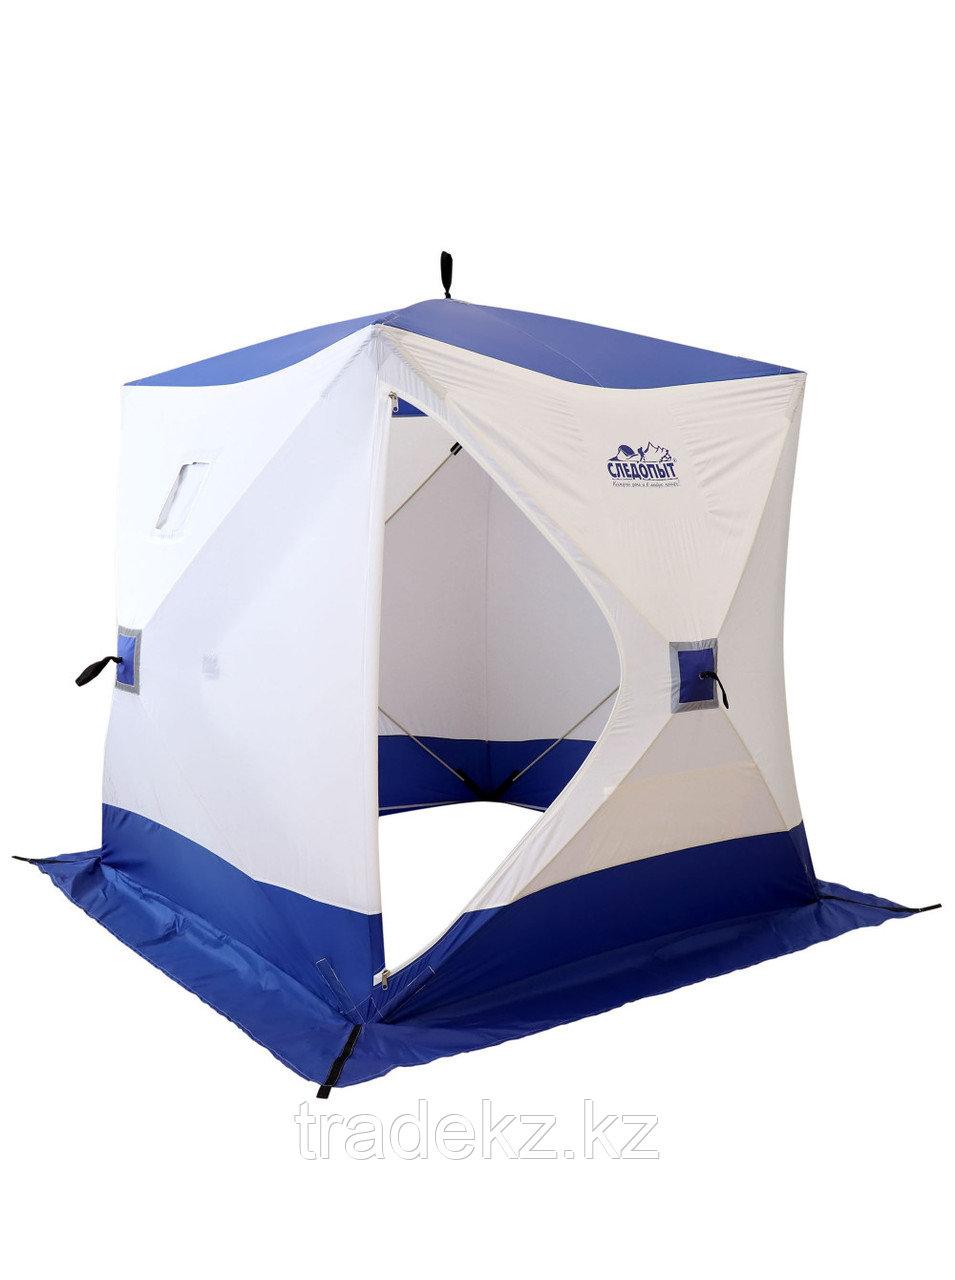 Палатка для зимней рыбалки PF-TW-10 Куб Следопыт 1,5х1,5 OXFORD 210D PU 1000